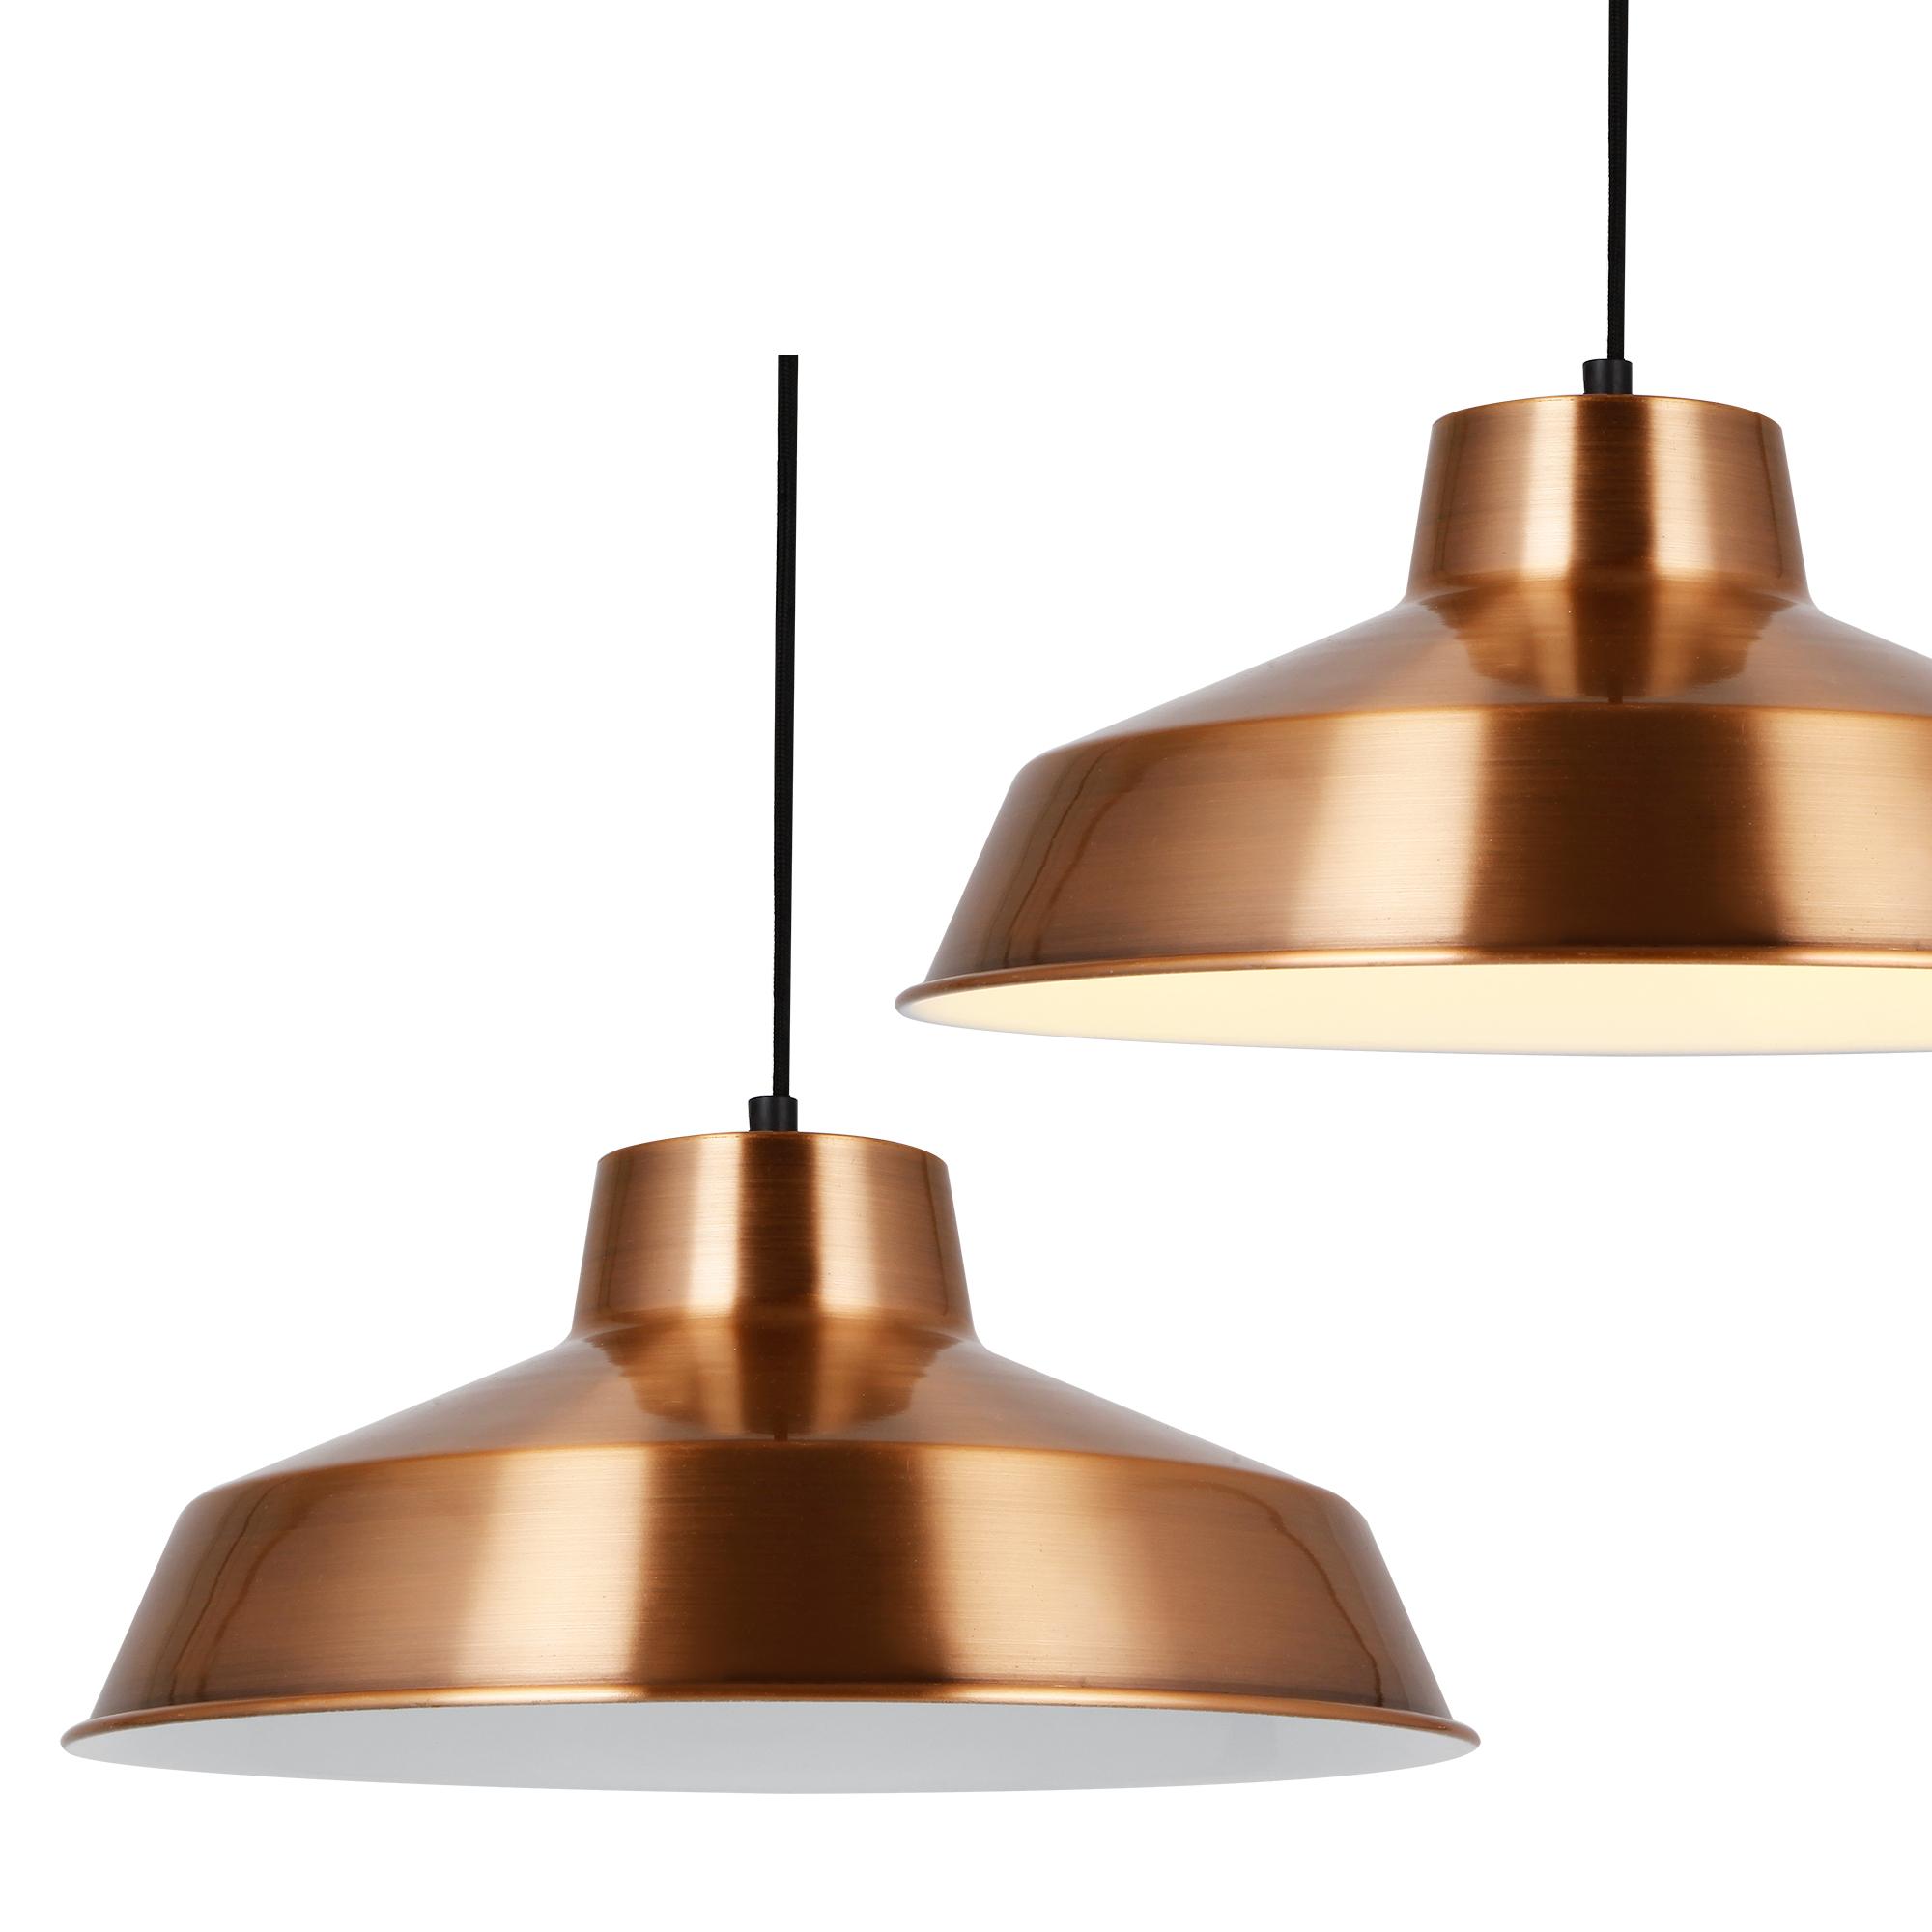 haengeleuchte_168053_vorschau Spannende Lampe Mit Mehreren Schirmen Dekorationen